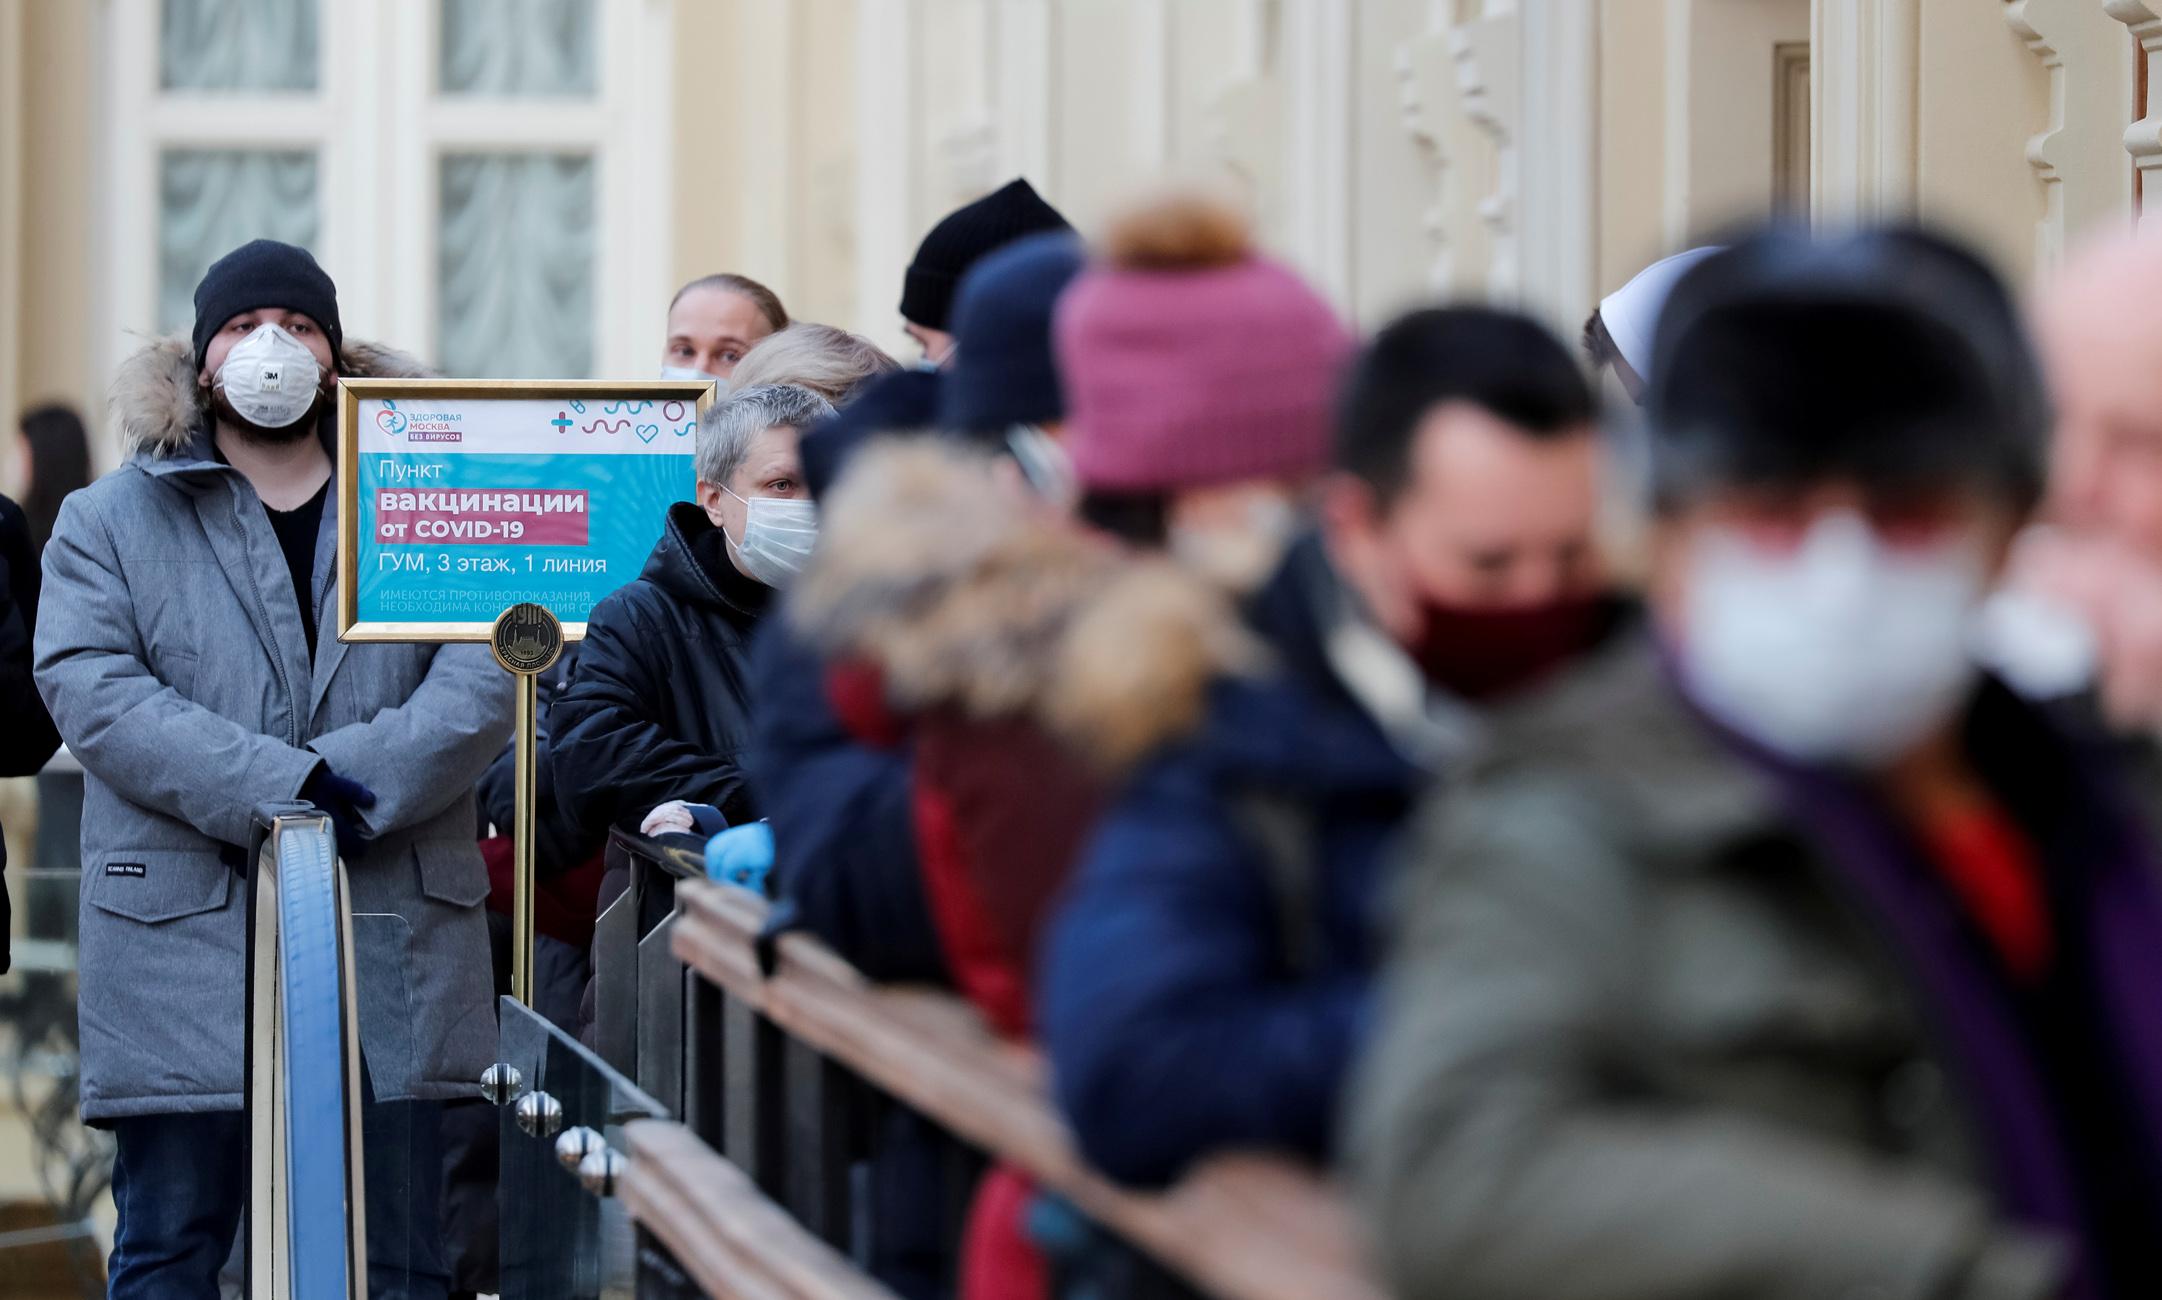 Ρωσία – κορονοϊός: Επιδεινώνεται η κατάσταση με τα κρούσματα στη Μόσχα